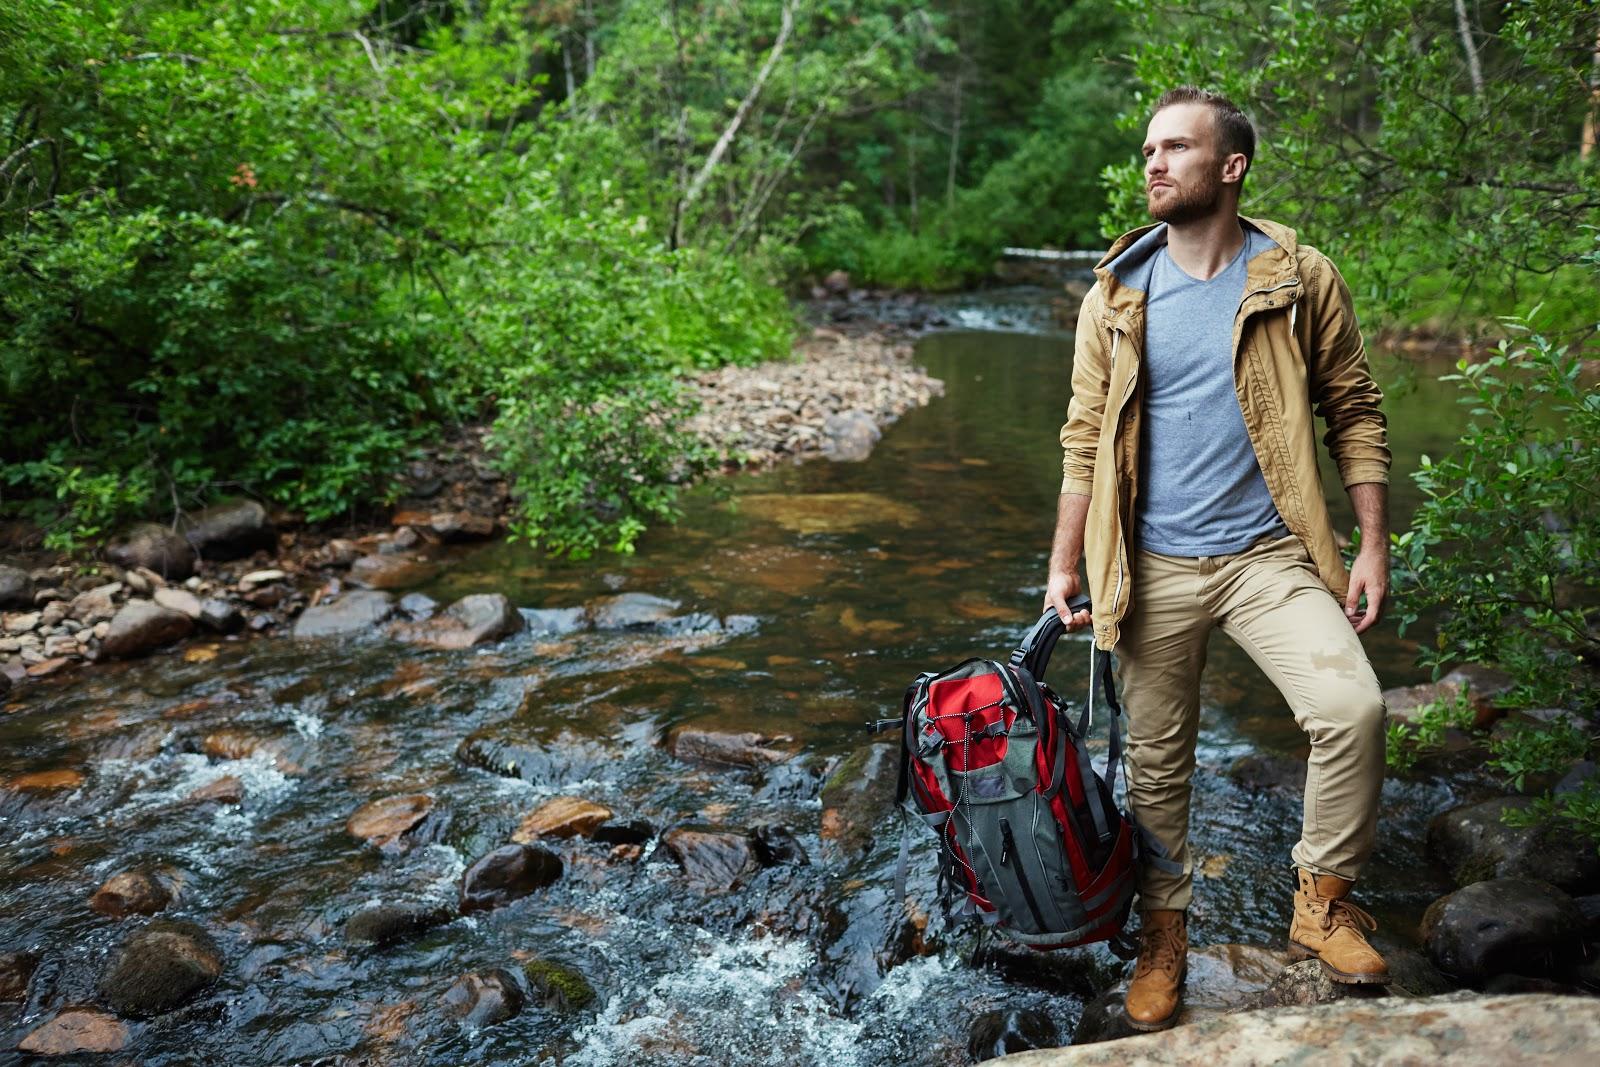 Turismo de Aventura: fazendo a diferença